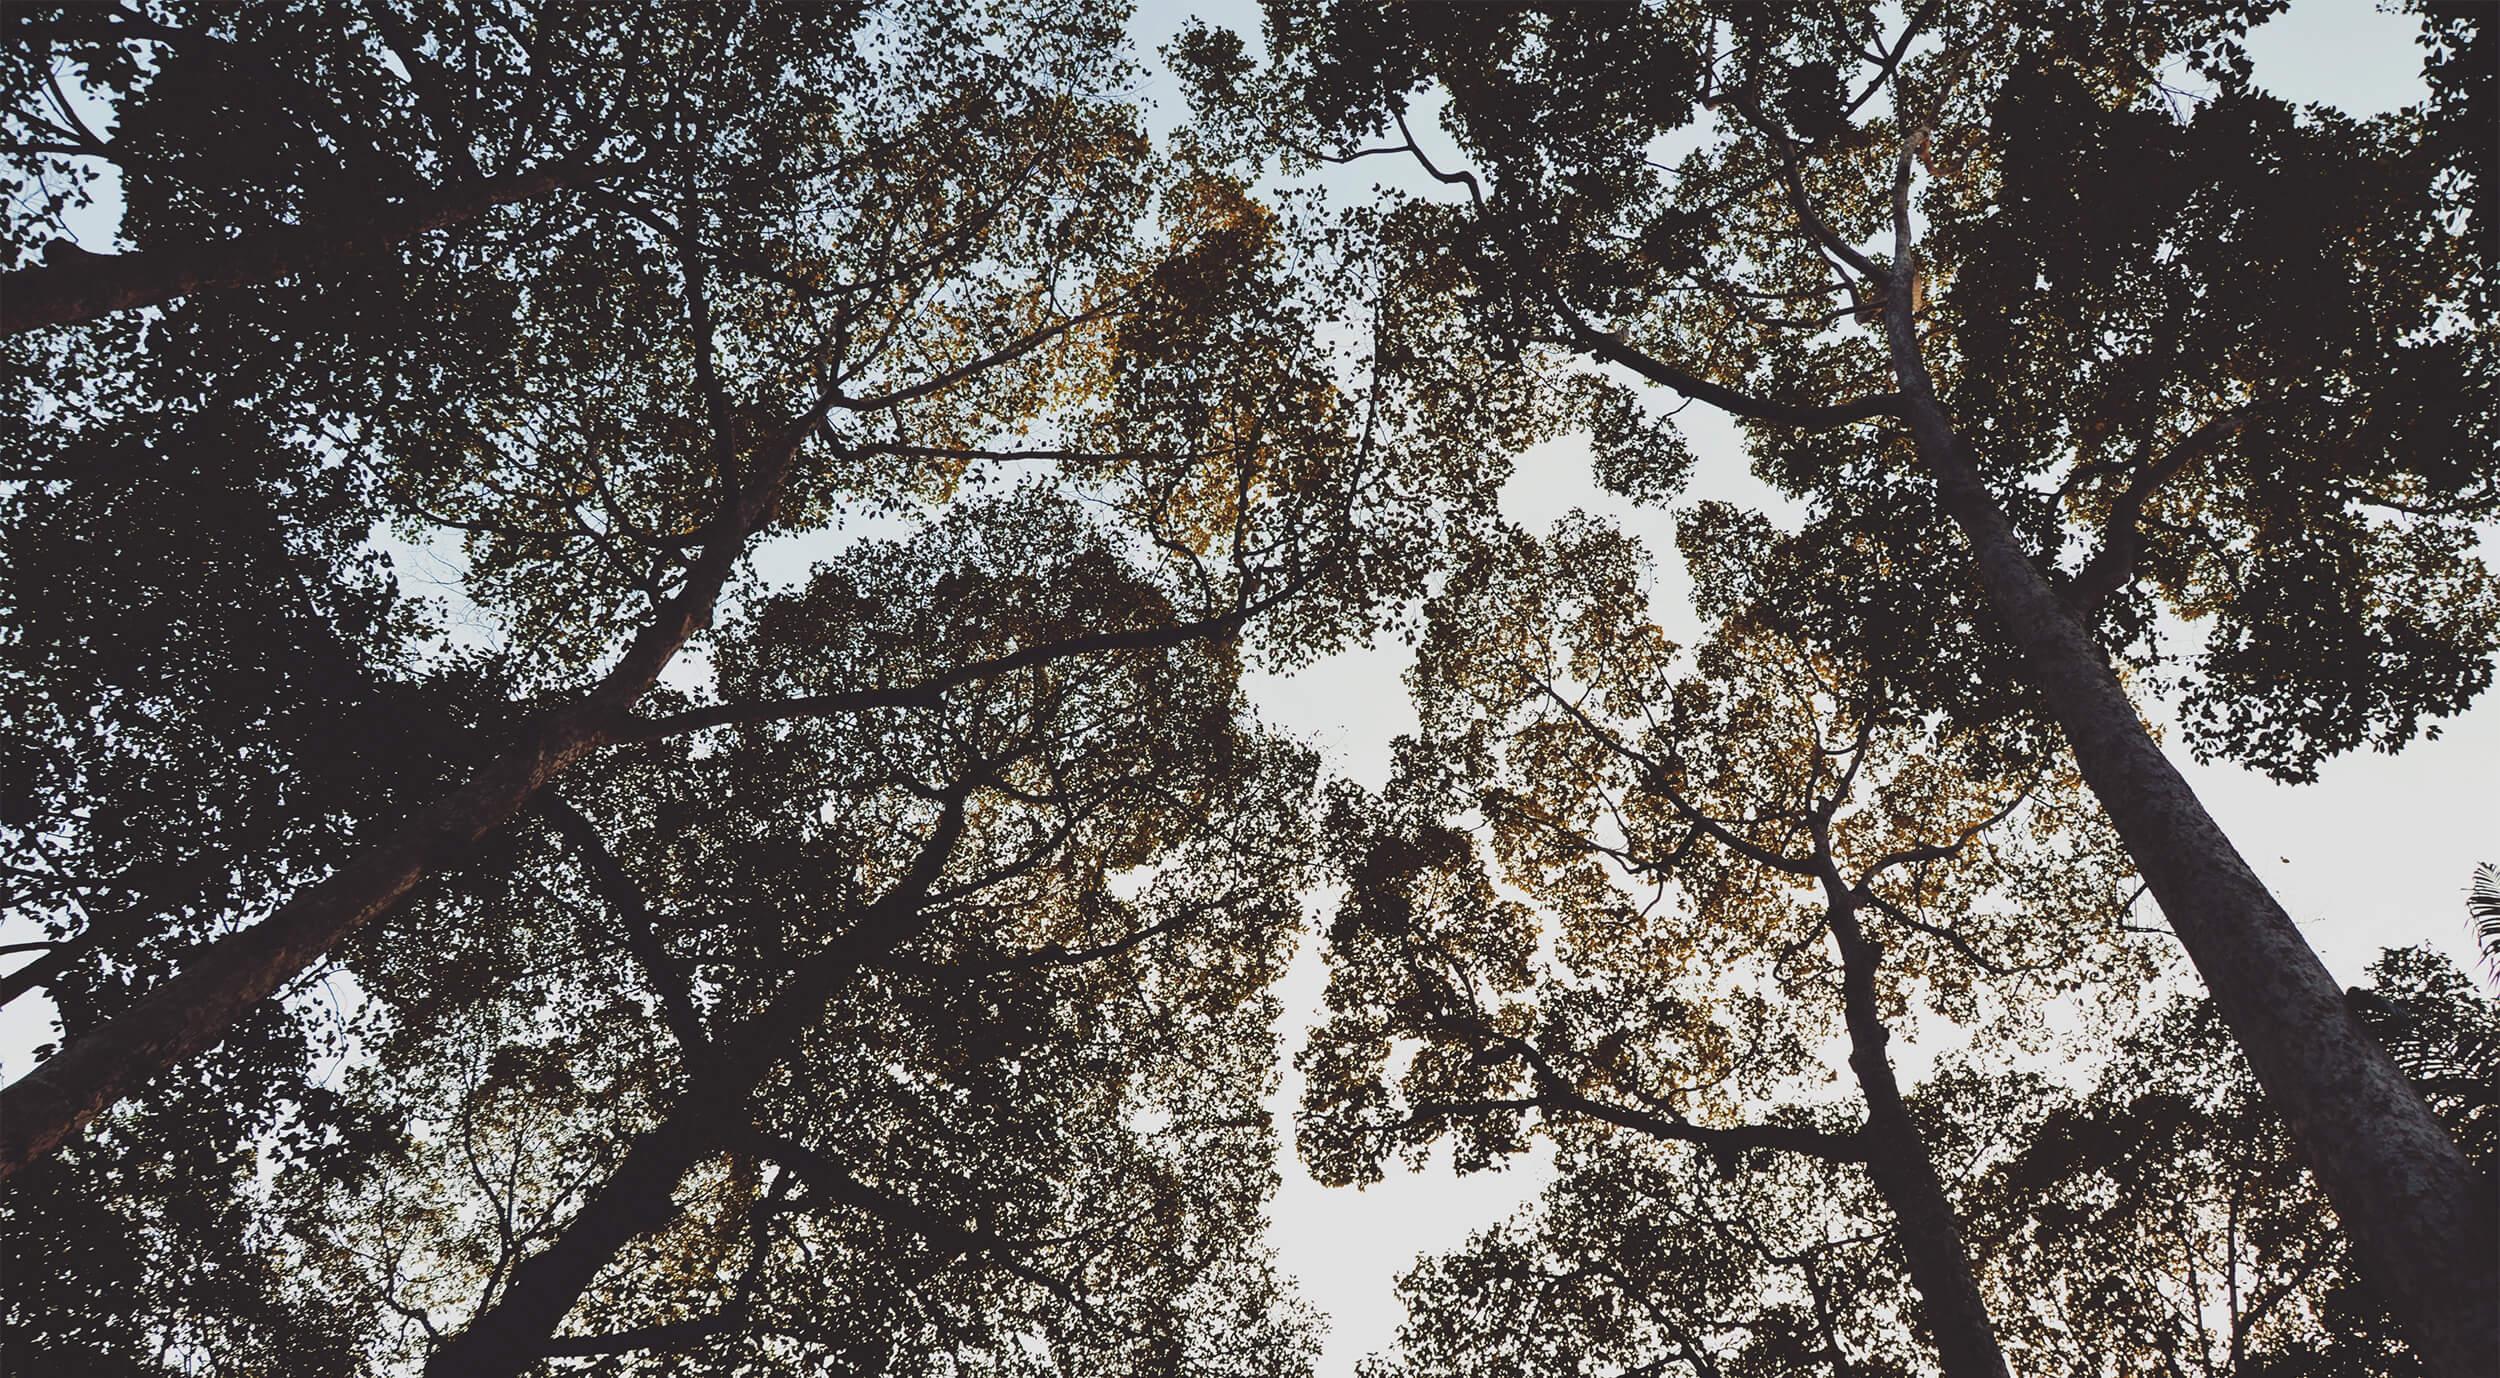 Trädkronor som möter varandra